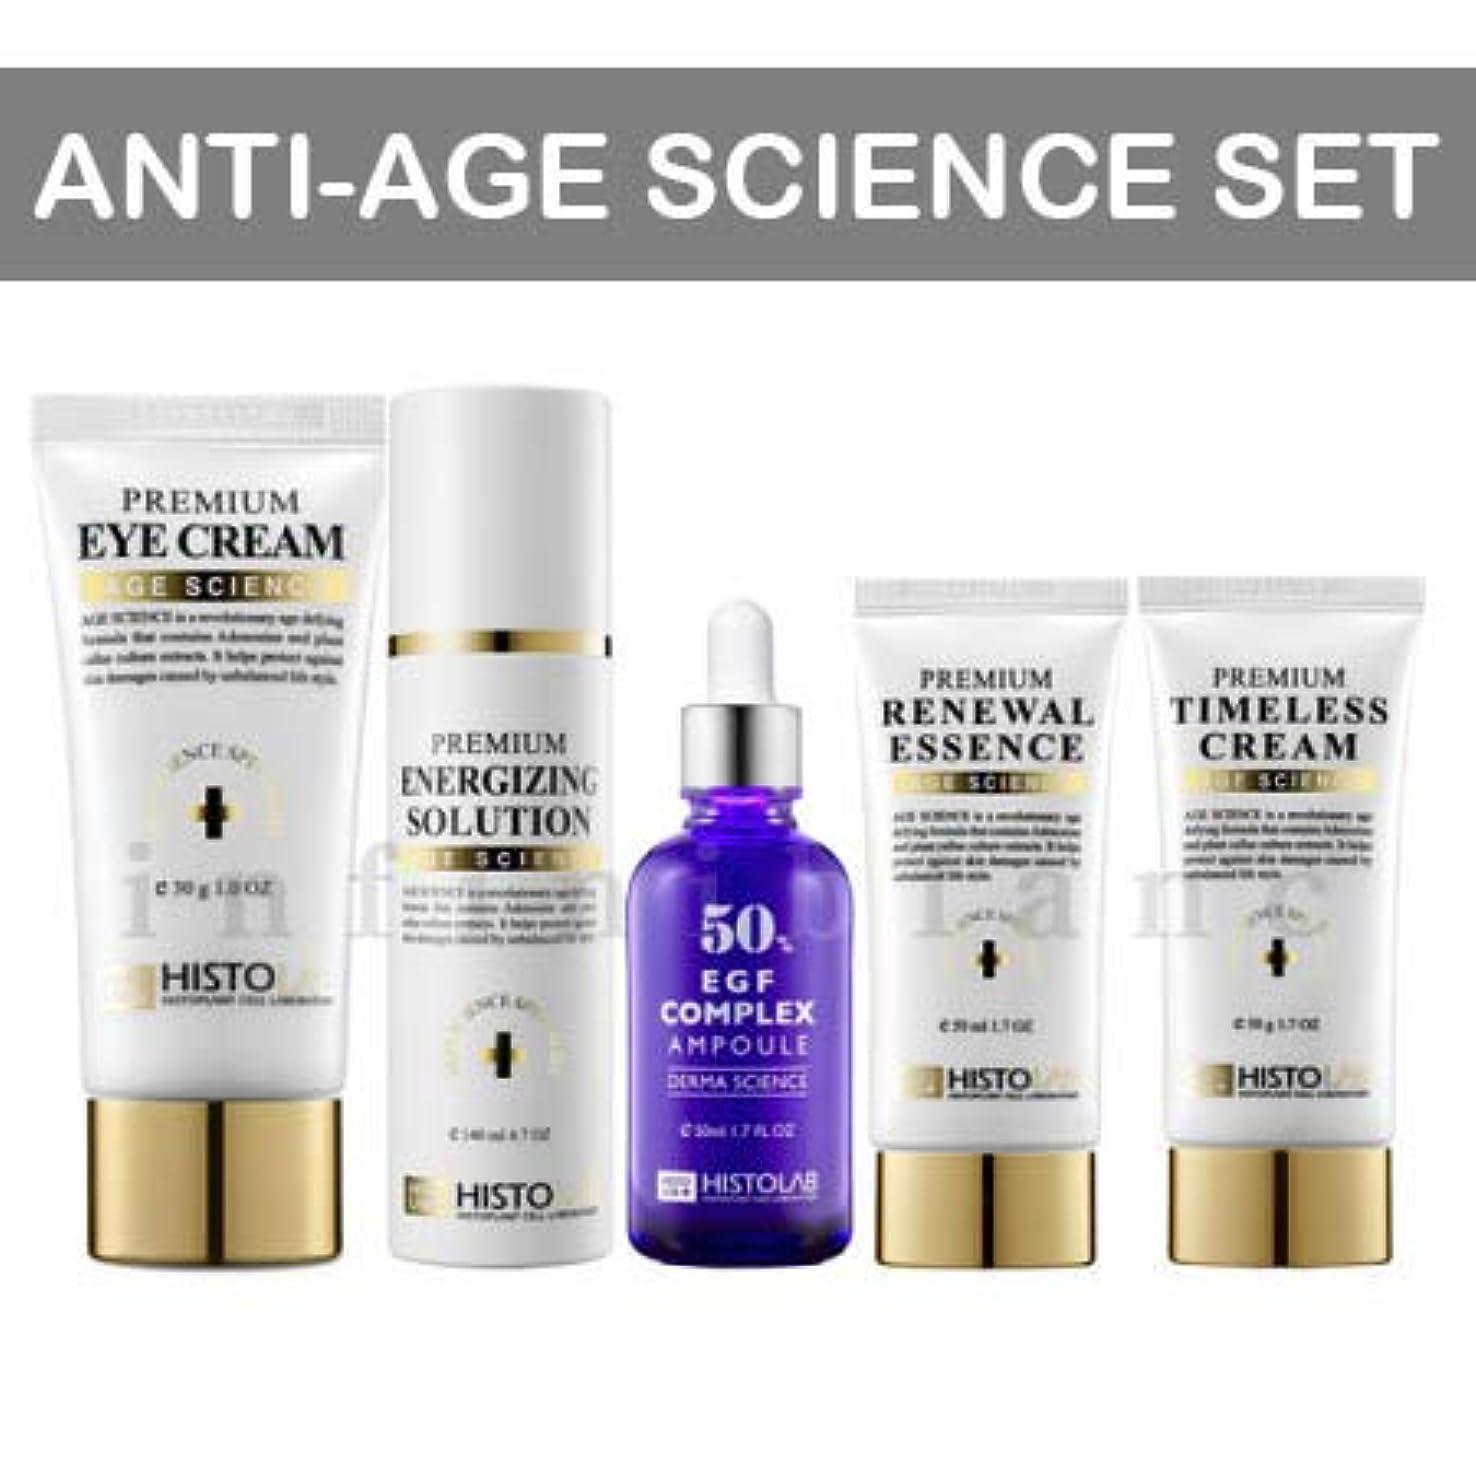 奨励します初心者防止[Histolab][韓国コスメ]高級細胞科学セット/Special Age Science Set ★1EGFンプル+4皮膚の クリーム★無料サンプル★